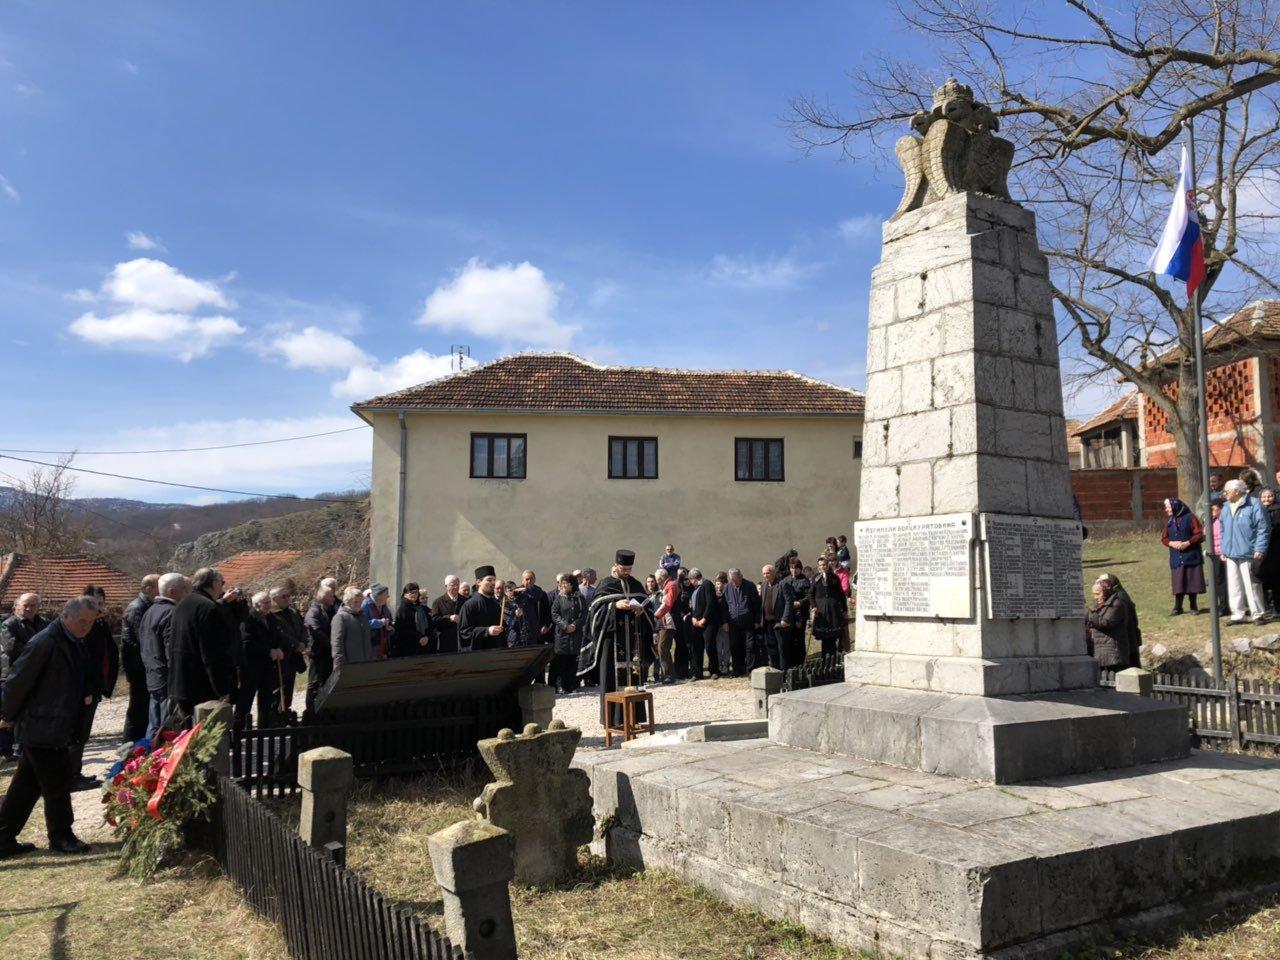 Spomen obeležje u Grbavču, foto: M.M.